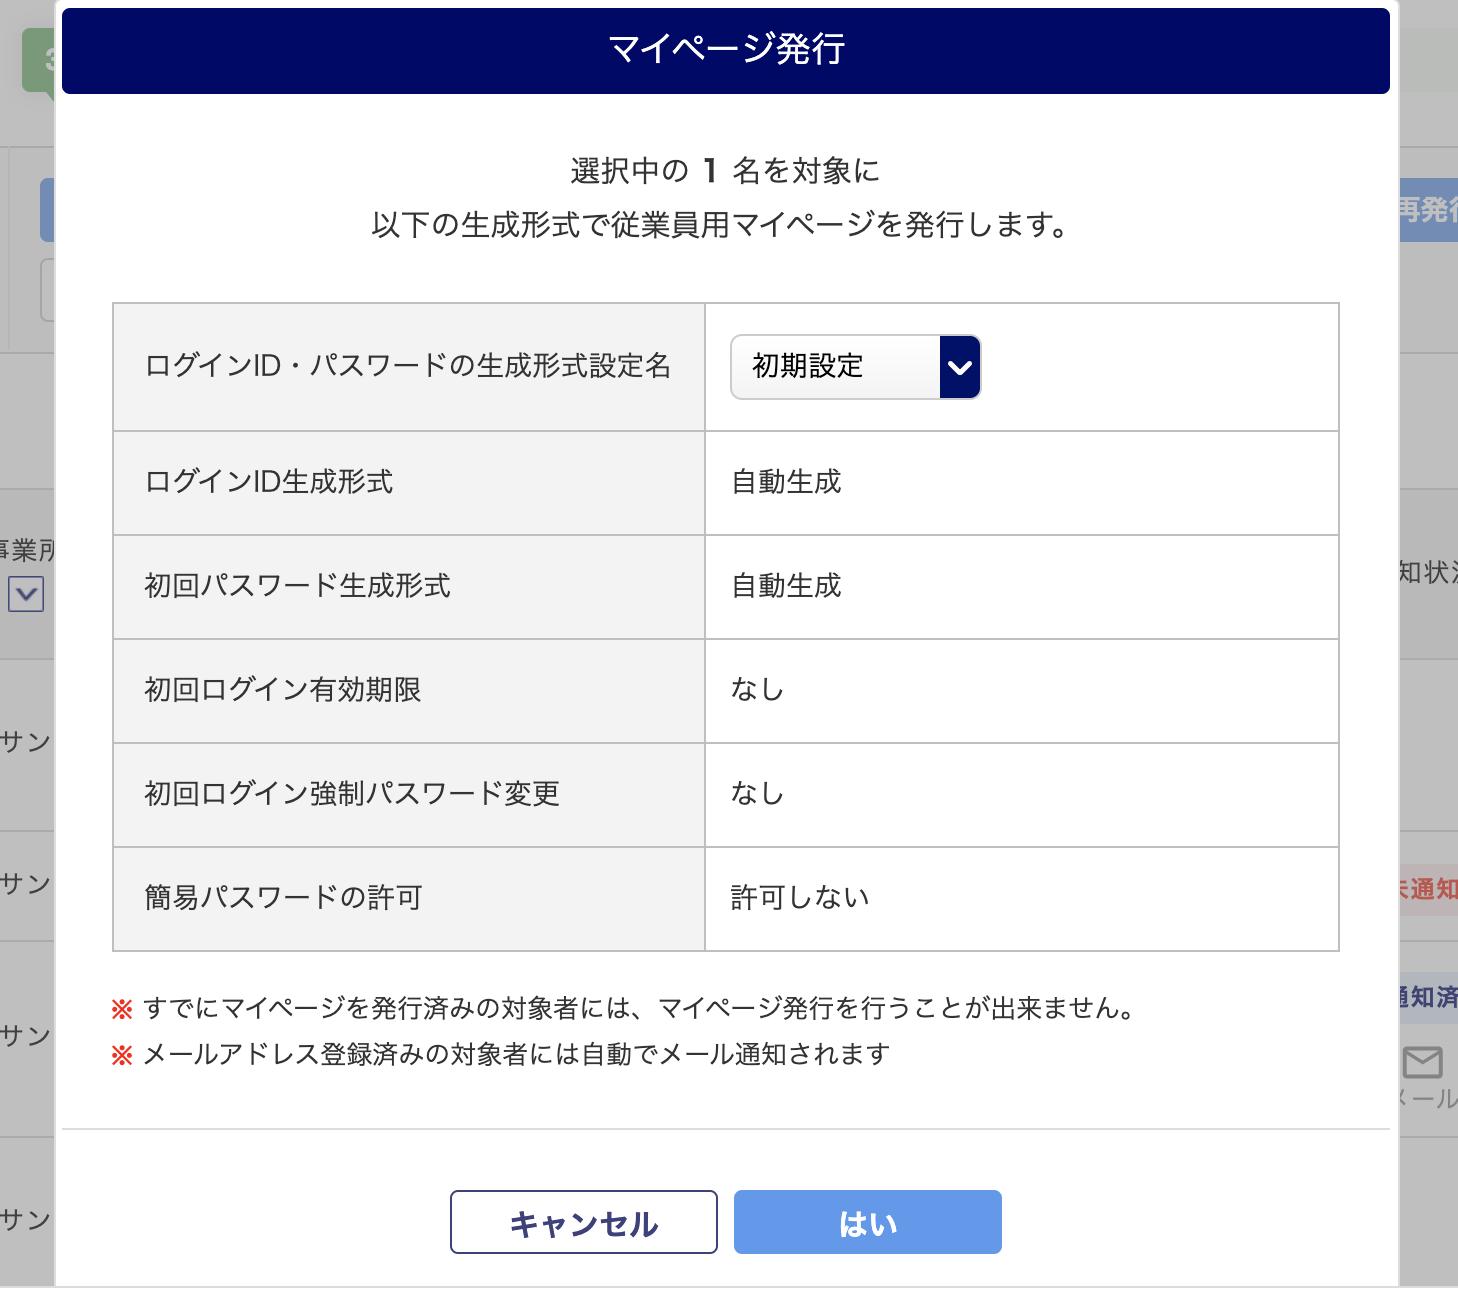 サービス マイ ログイン テクノ ページ